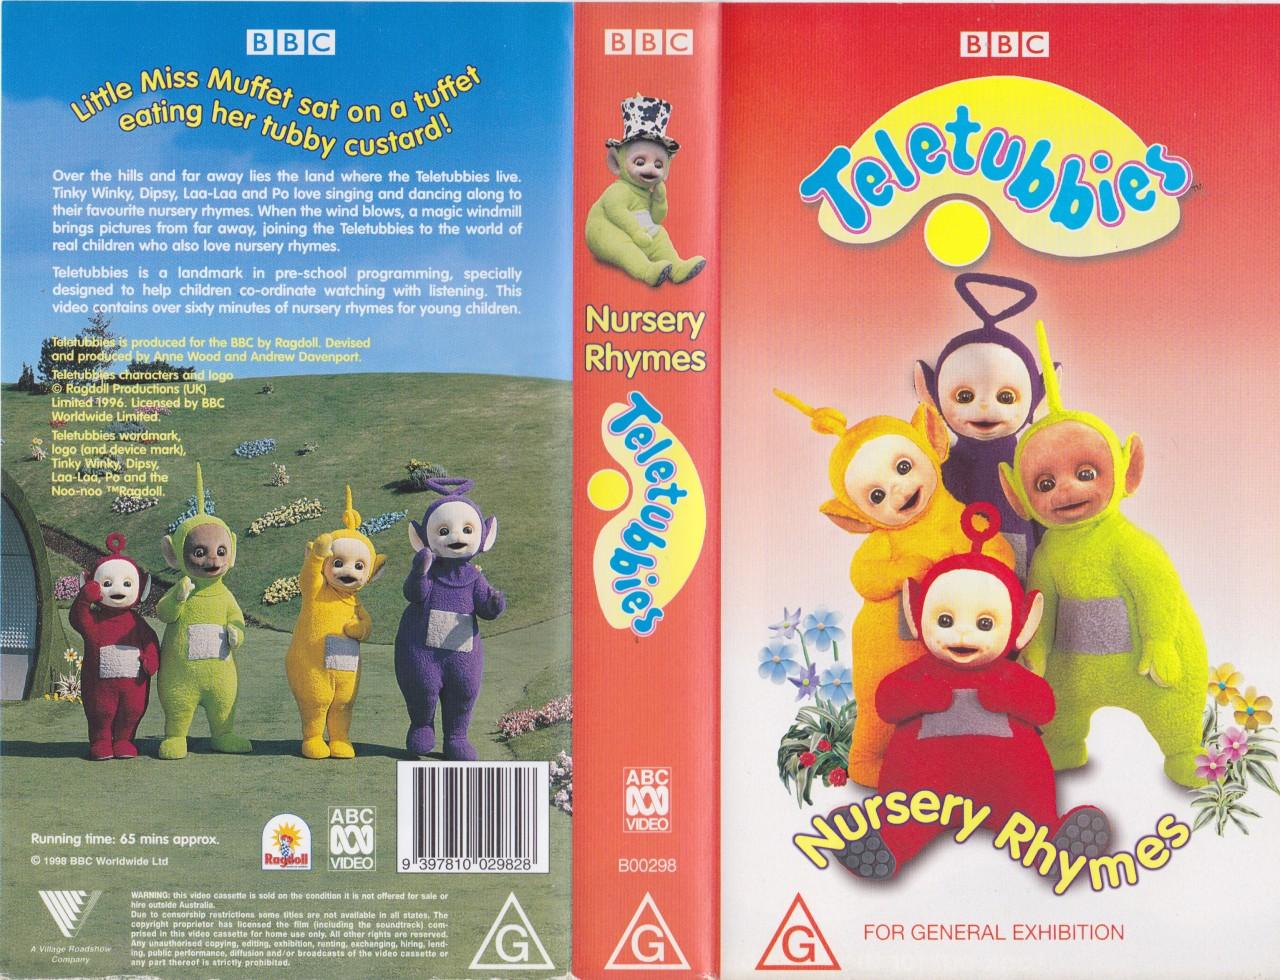 Teletubbies Nursery Rhymes Part 1 - Bing images